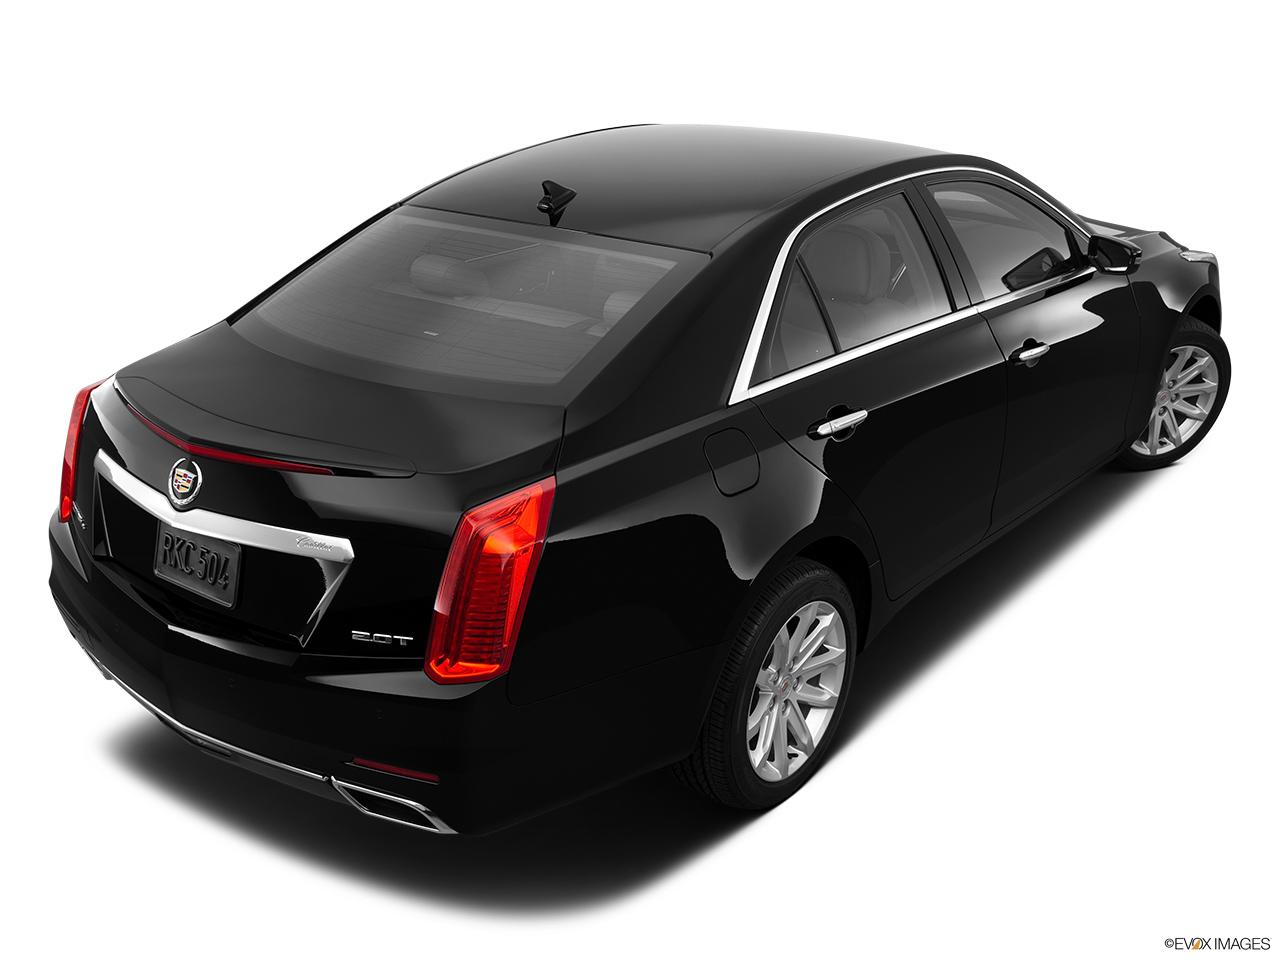 2015 cadillac cts sedan 2 0l turbo awd sedan. Black Bedroom Furniture Sets. Home Design Ideas